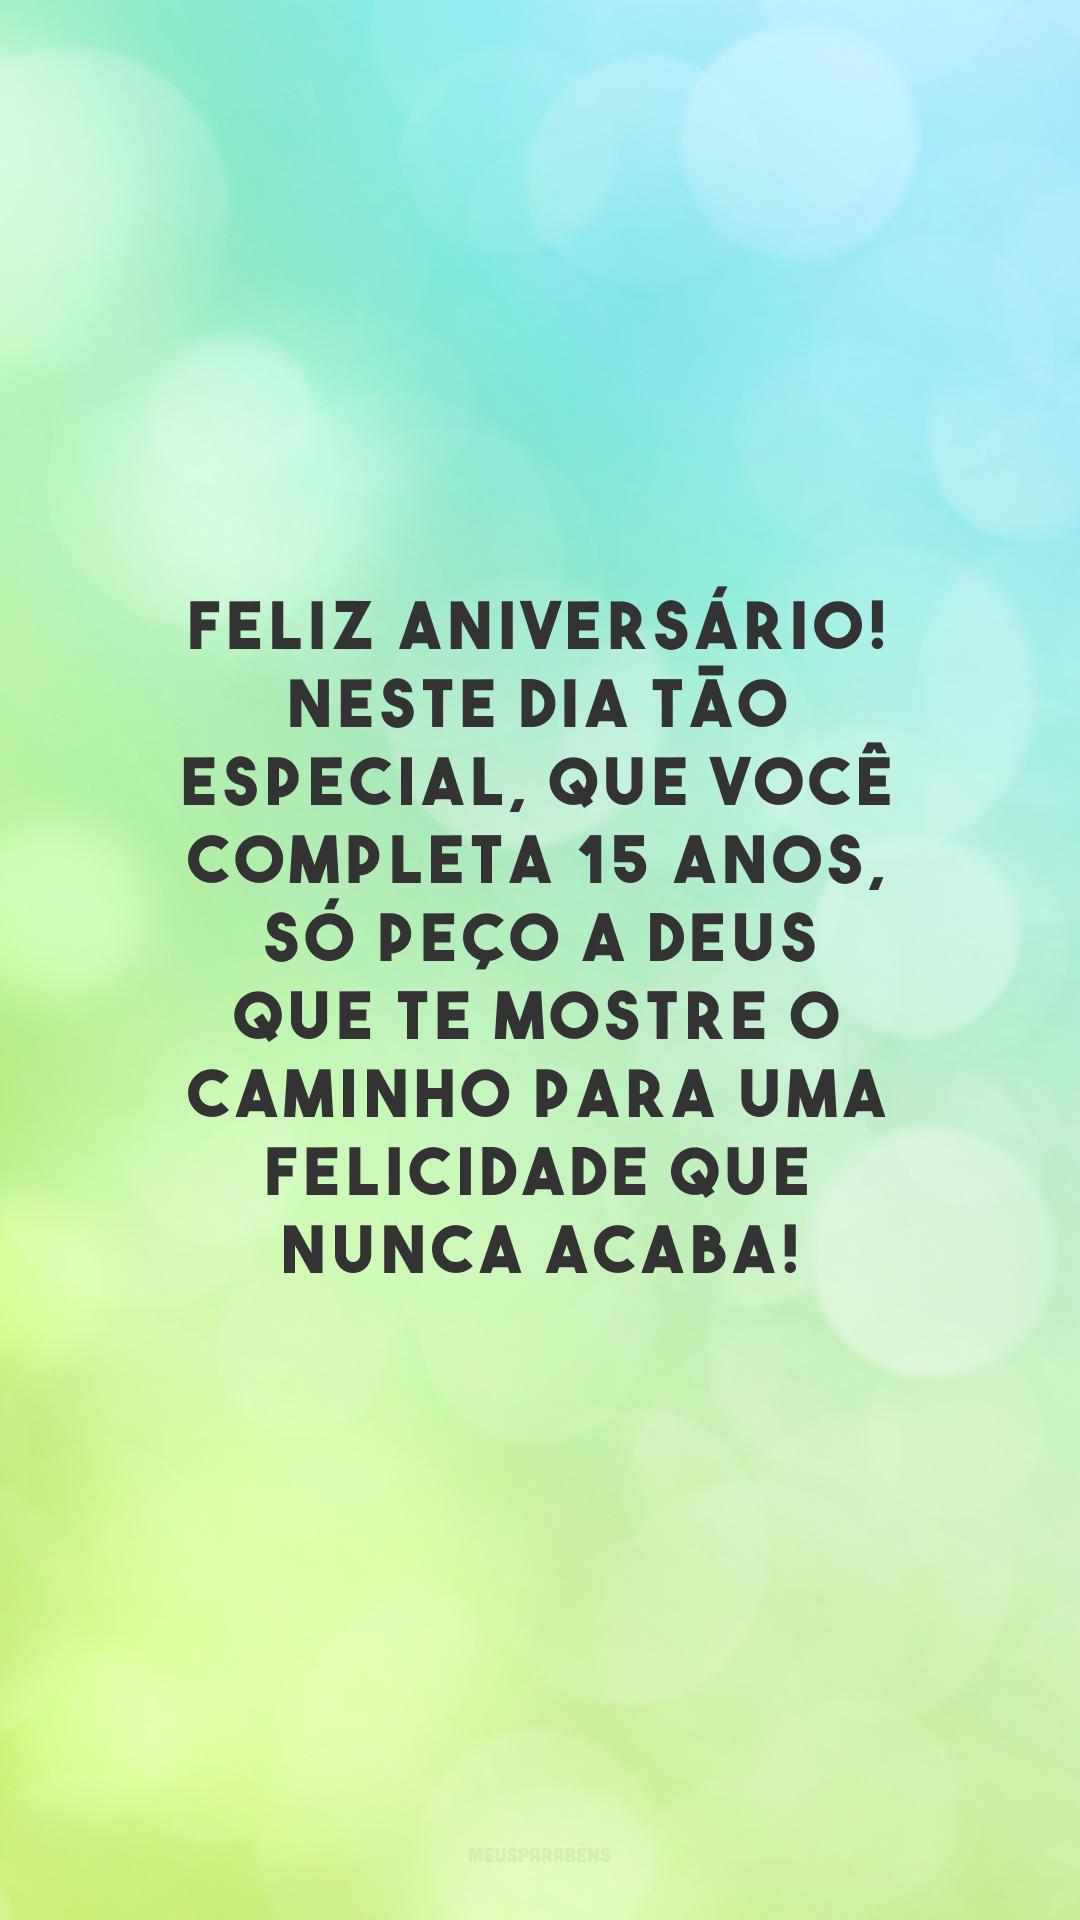 Feliz aniversário! Neste dia tão especial, que você completa 15 anos, só peço a Deus que te mostre o caminho para uma felicidade que nunca acaba!